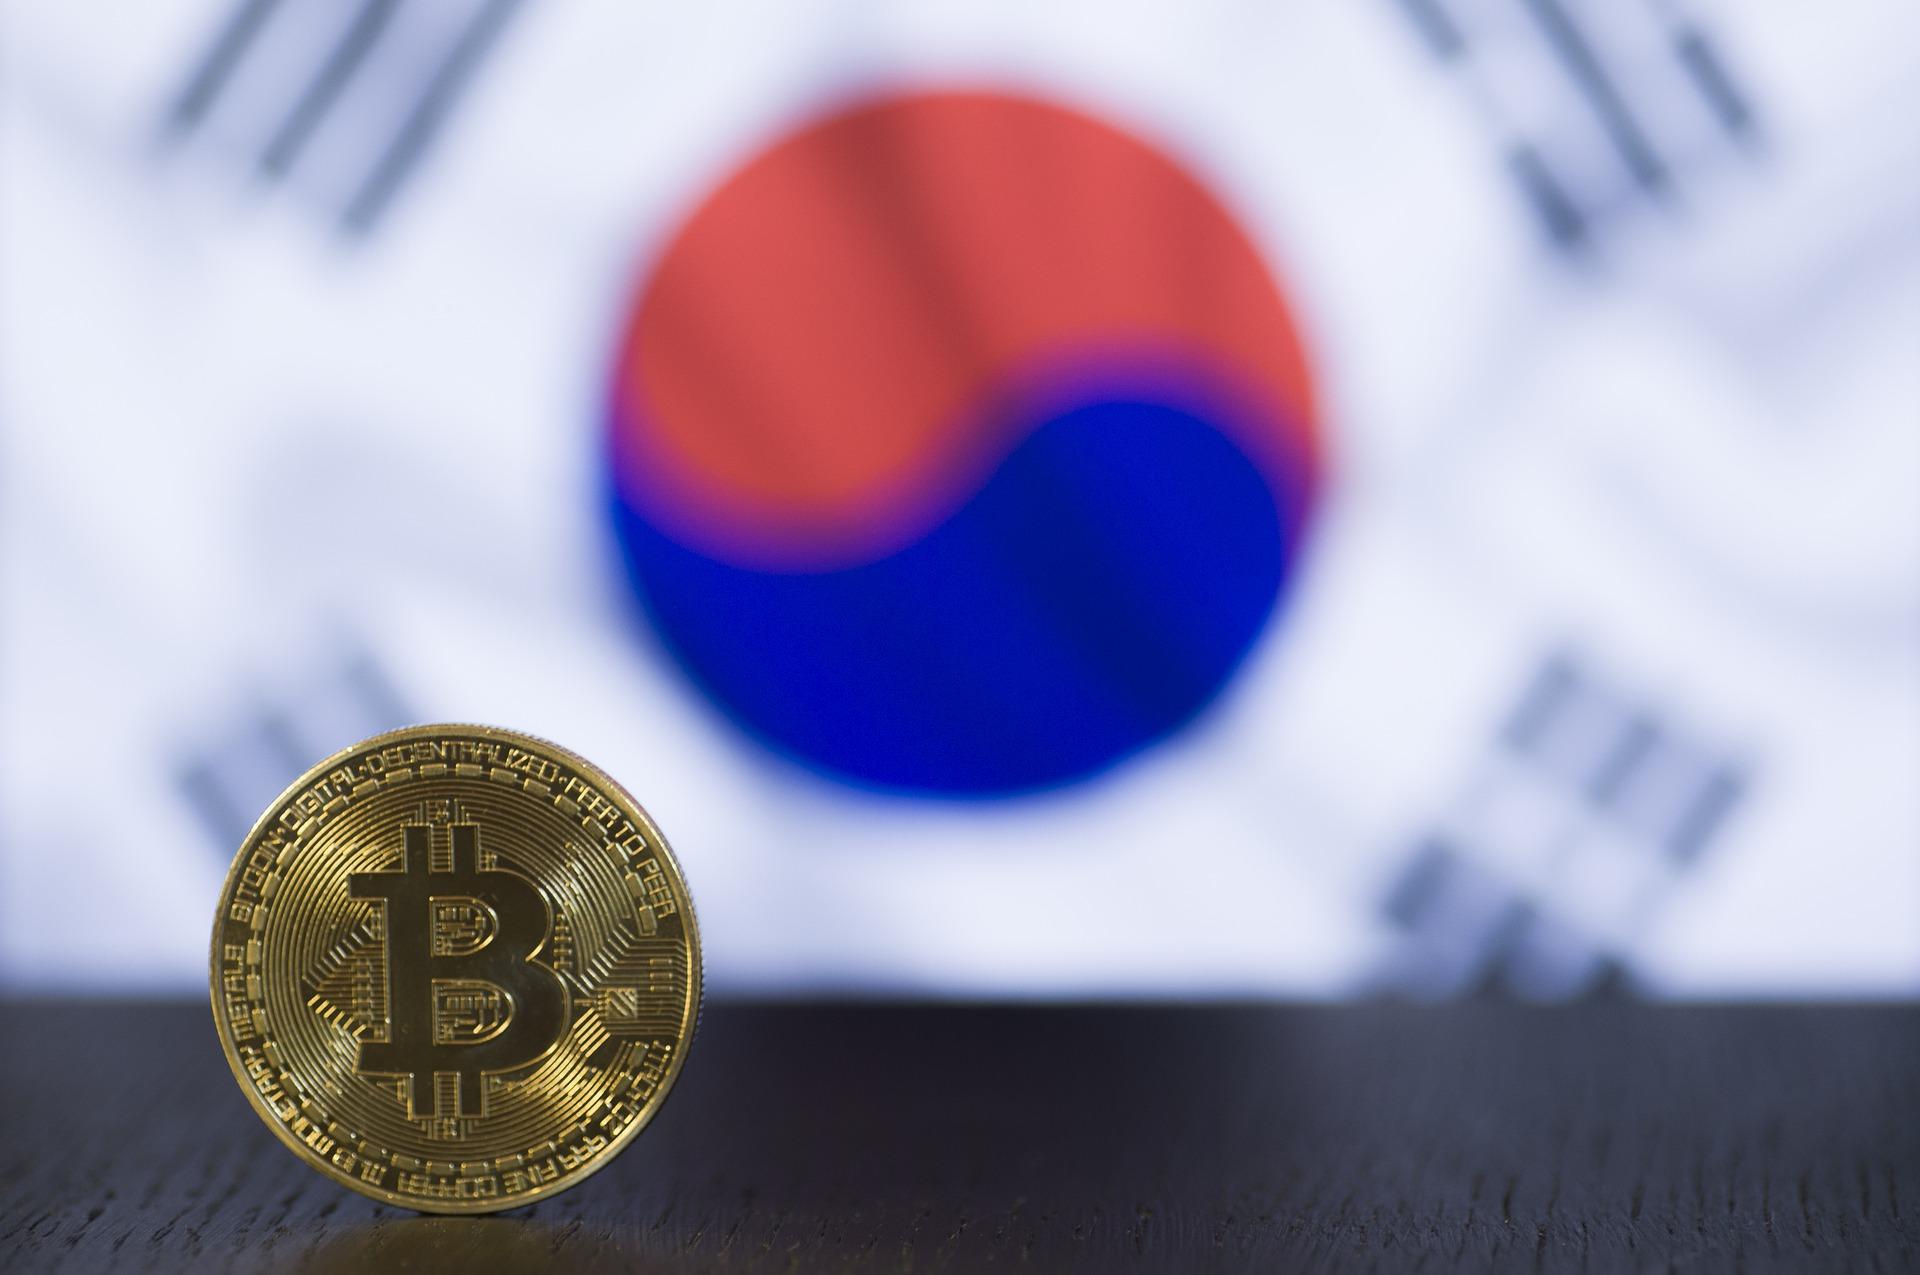 韓国における所得格差の実態